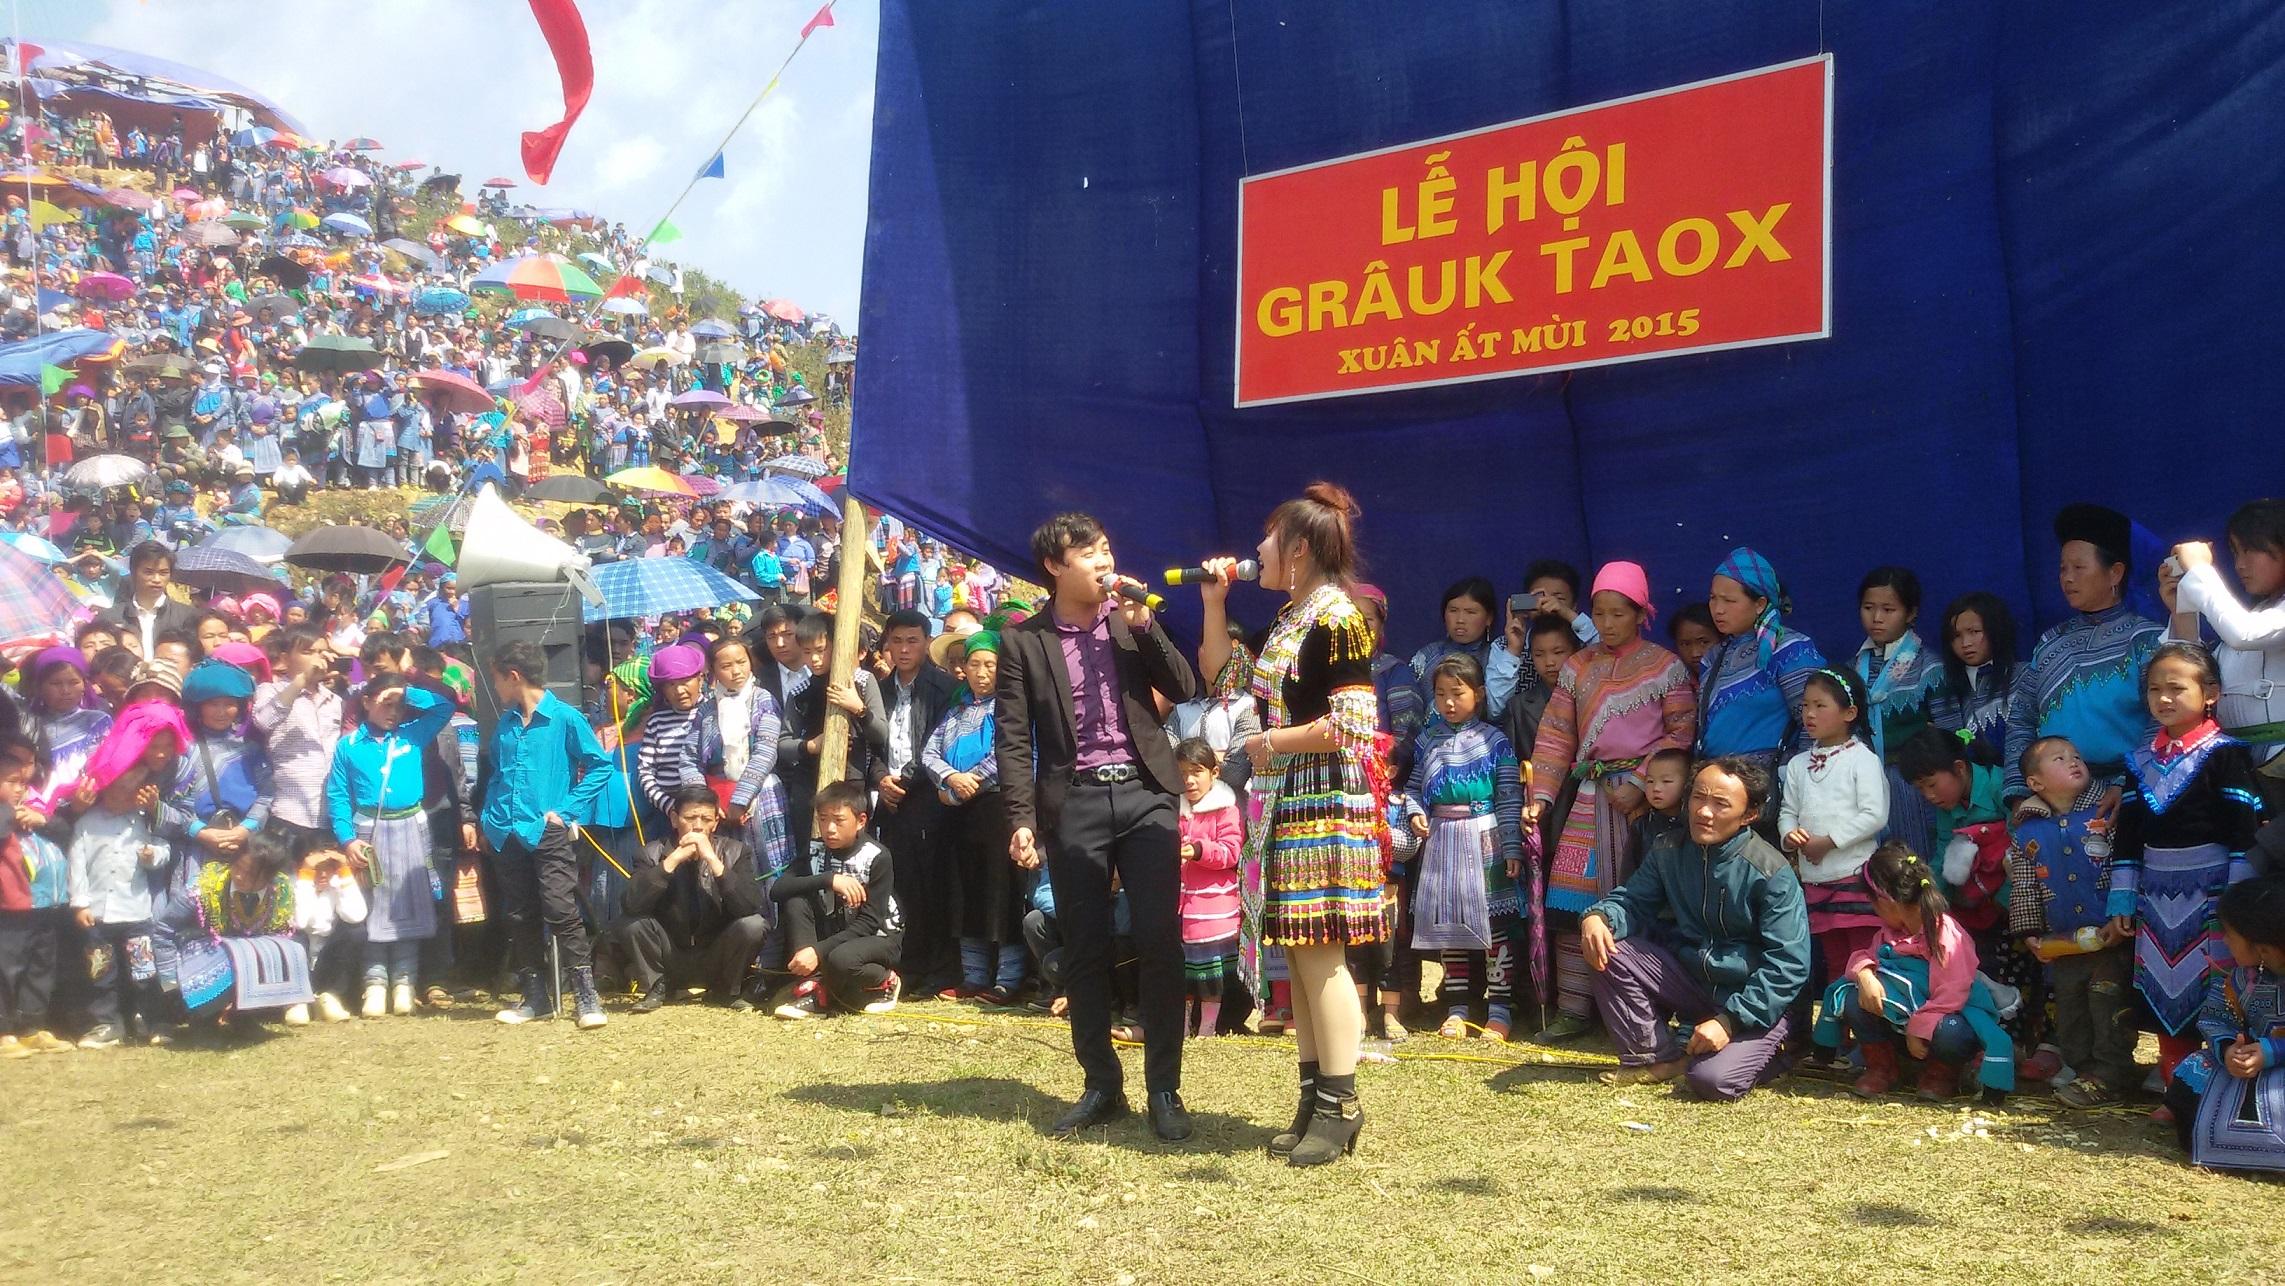 Những hoạt động vui chơi suốt 3 ngày tại lễ hội Gầu Tào (Ảnh sưu tầm)